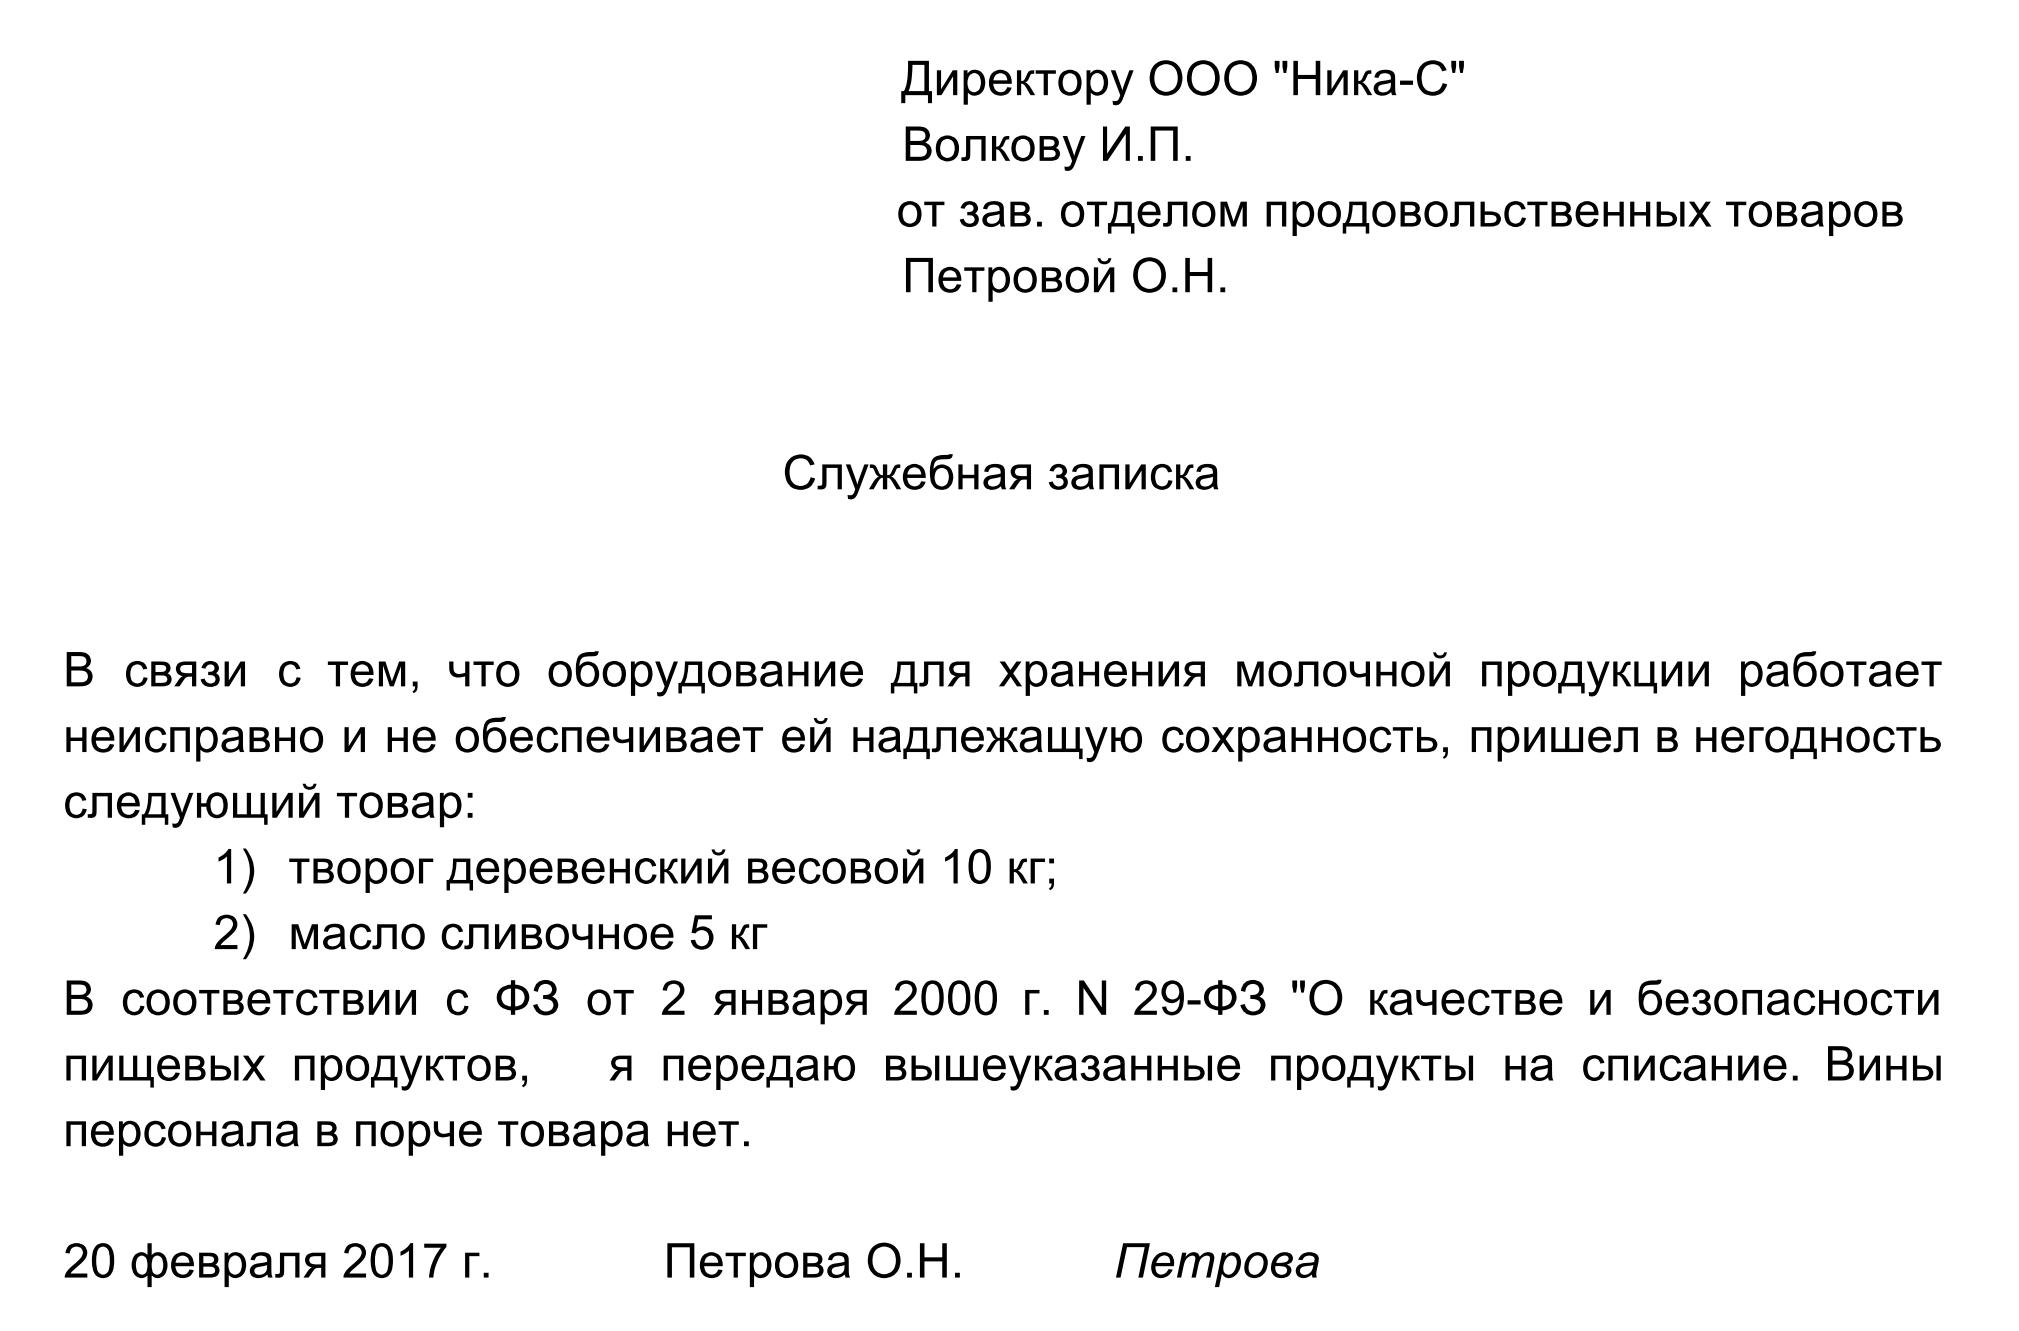 До Скольки Лет Ходят В Детскую Поликлинику 2019